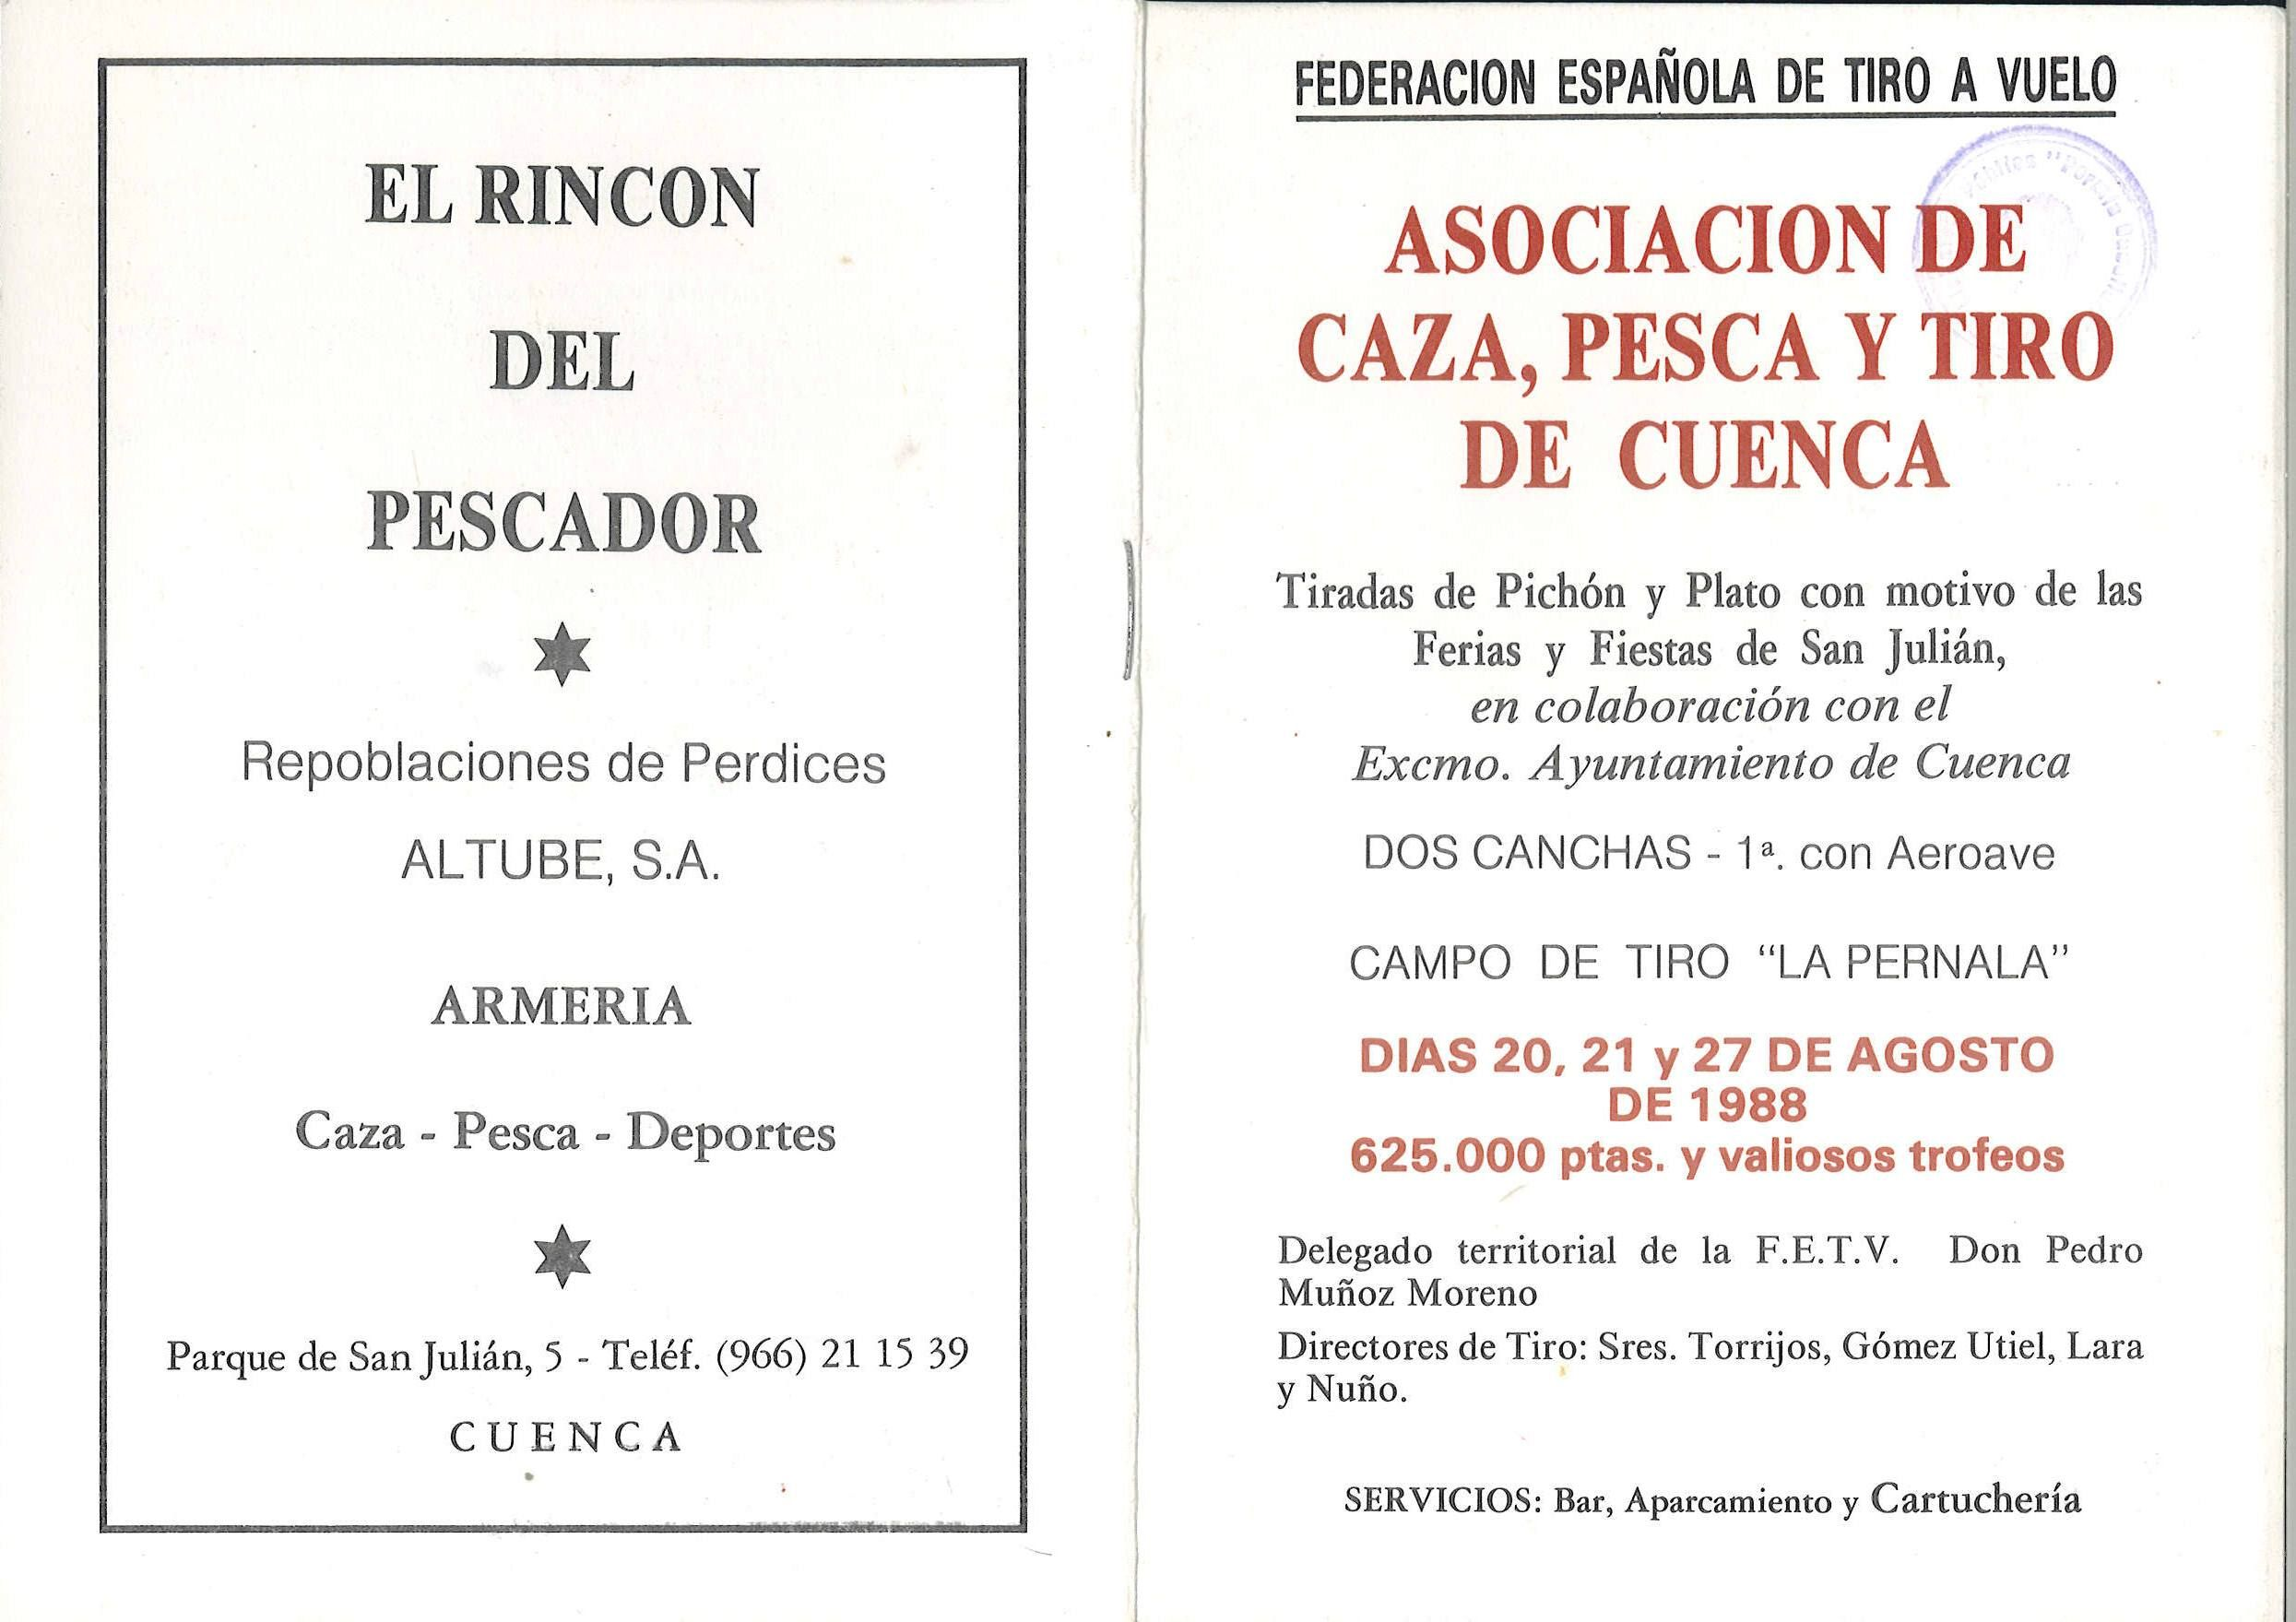 Tiradas De Pichón Y Plato Con Motivo De Las Fiestas De San Julián Cuenca Los Días 20 Y 27 De Agosto De 1988 Cuenca Tiroalplato Tiro Al Plato Pesca Pichón